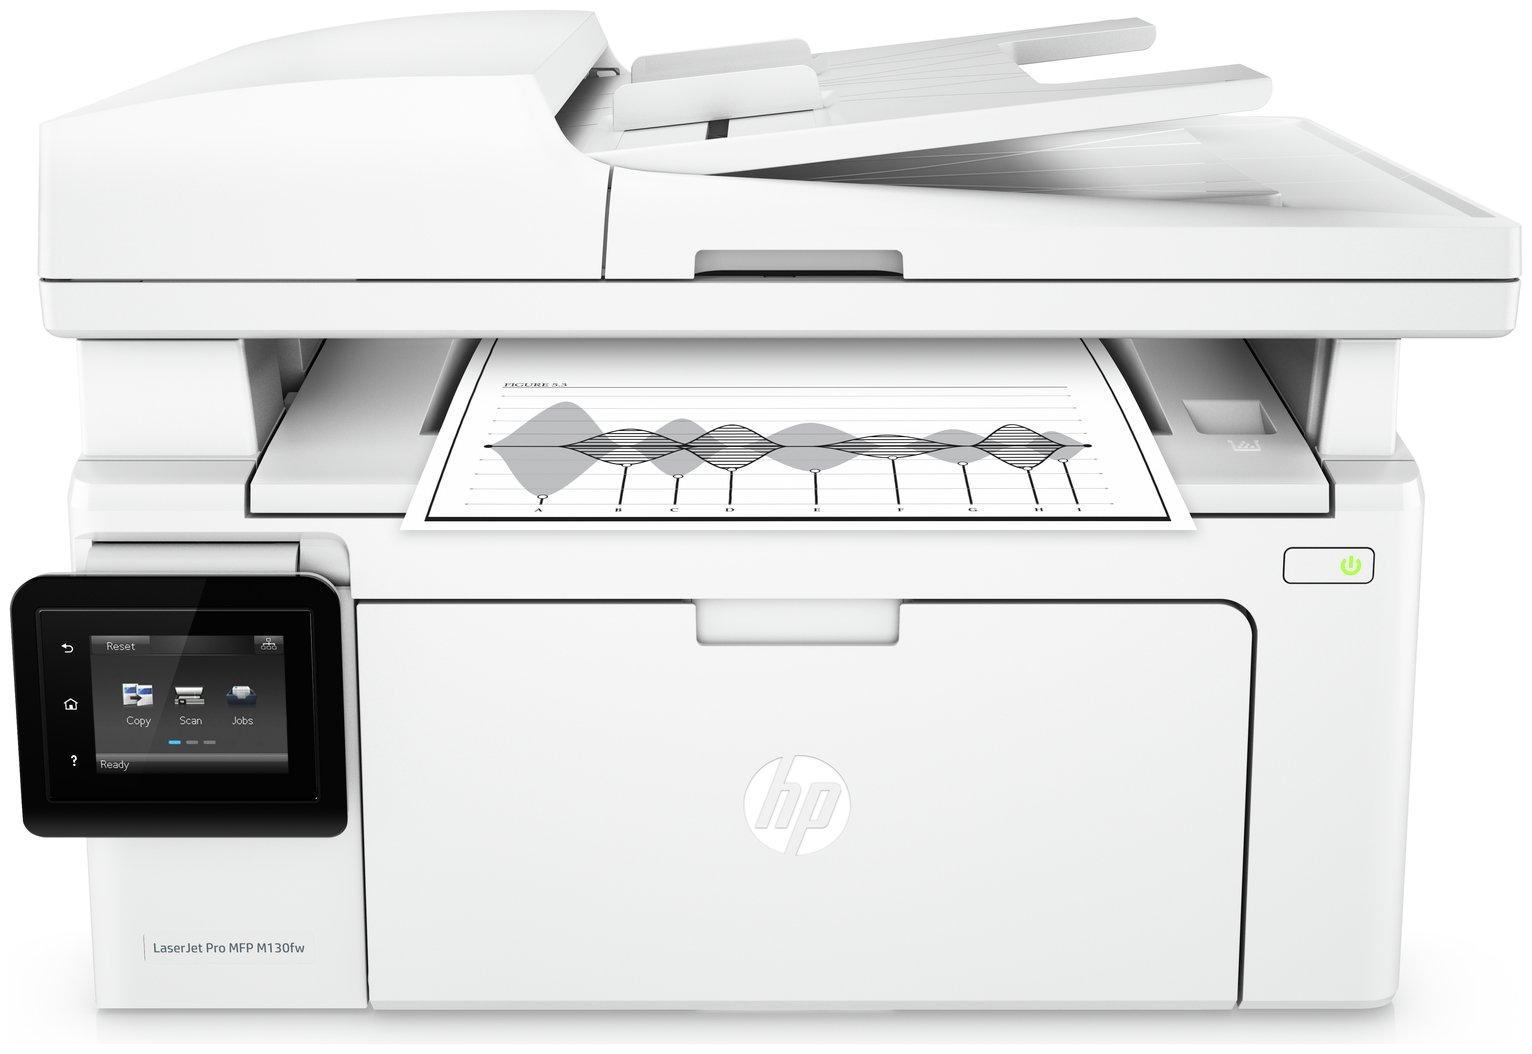 HP LaserJet Pro M130FW All-in-One Wireless MFP Mono Printer